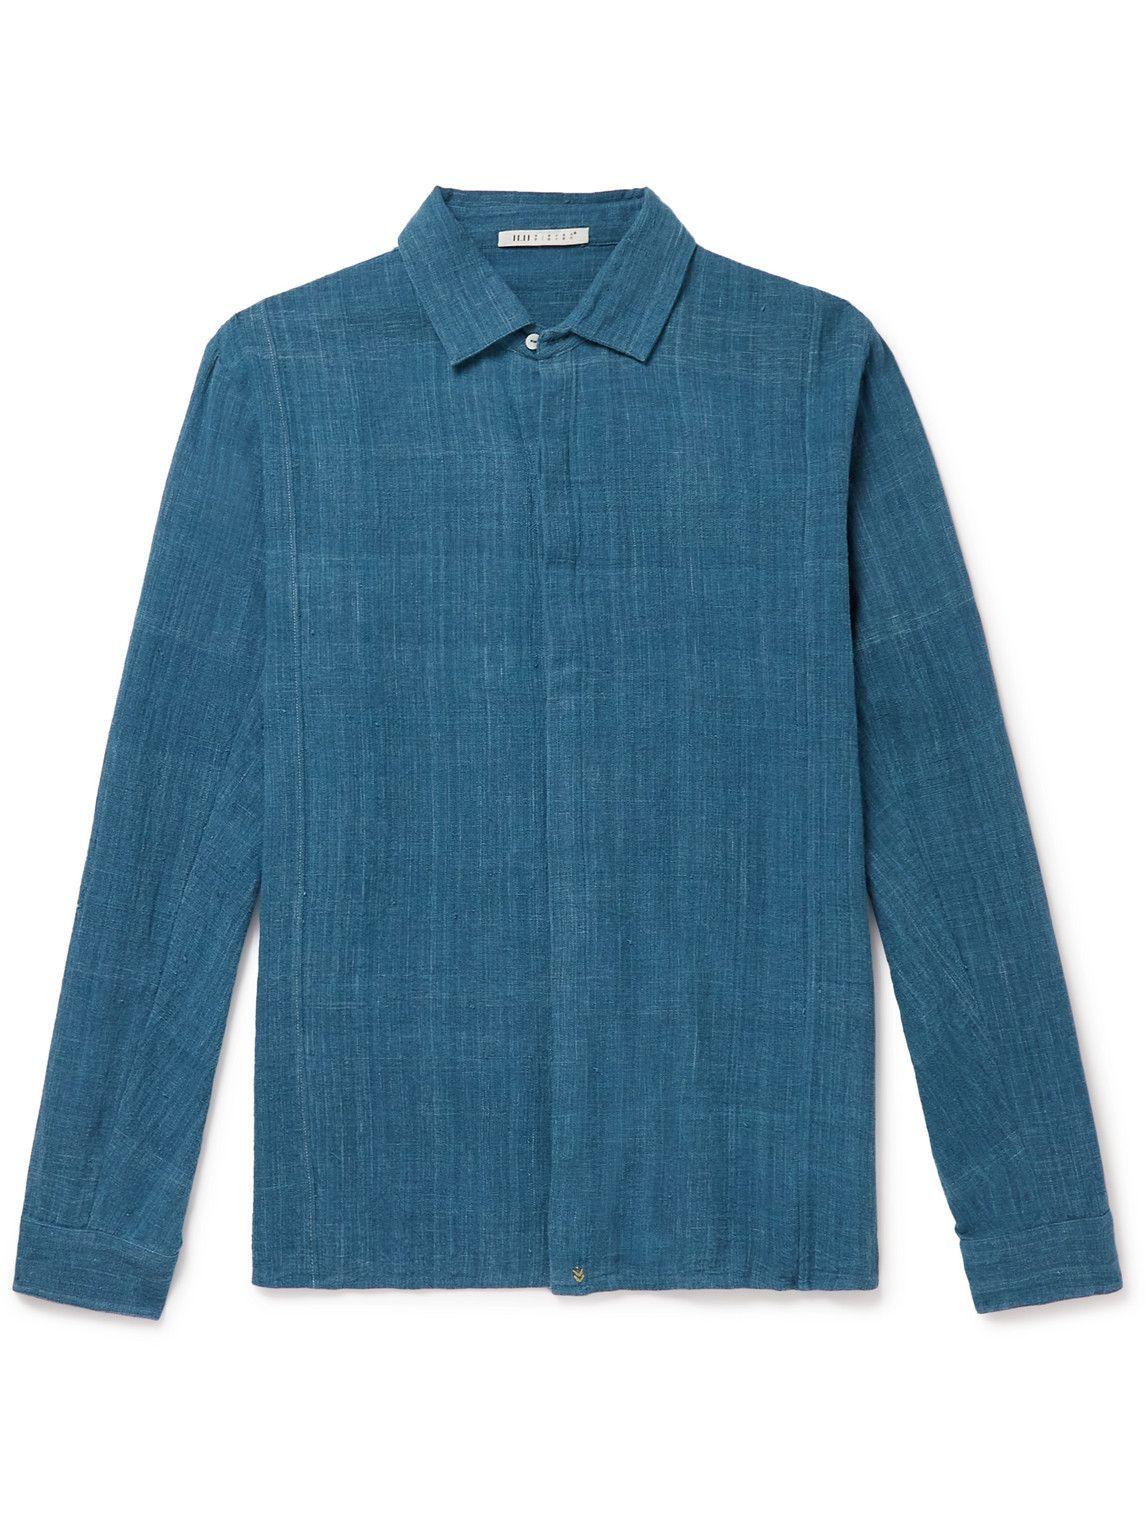 Photo: 11.11/eleven eleven - Cotton Shirt - Blue